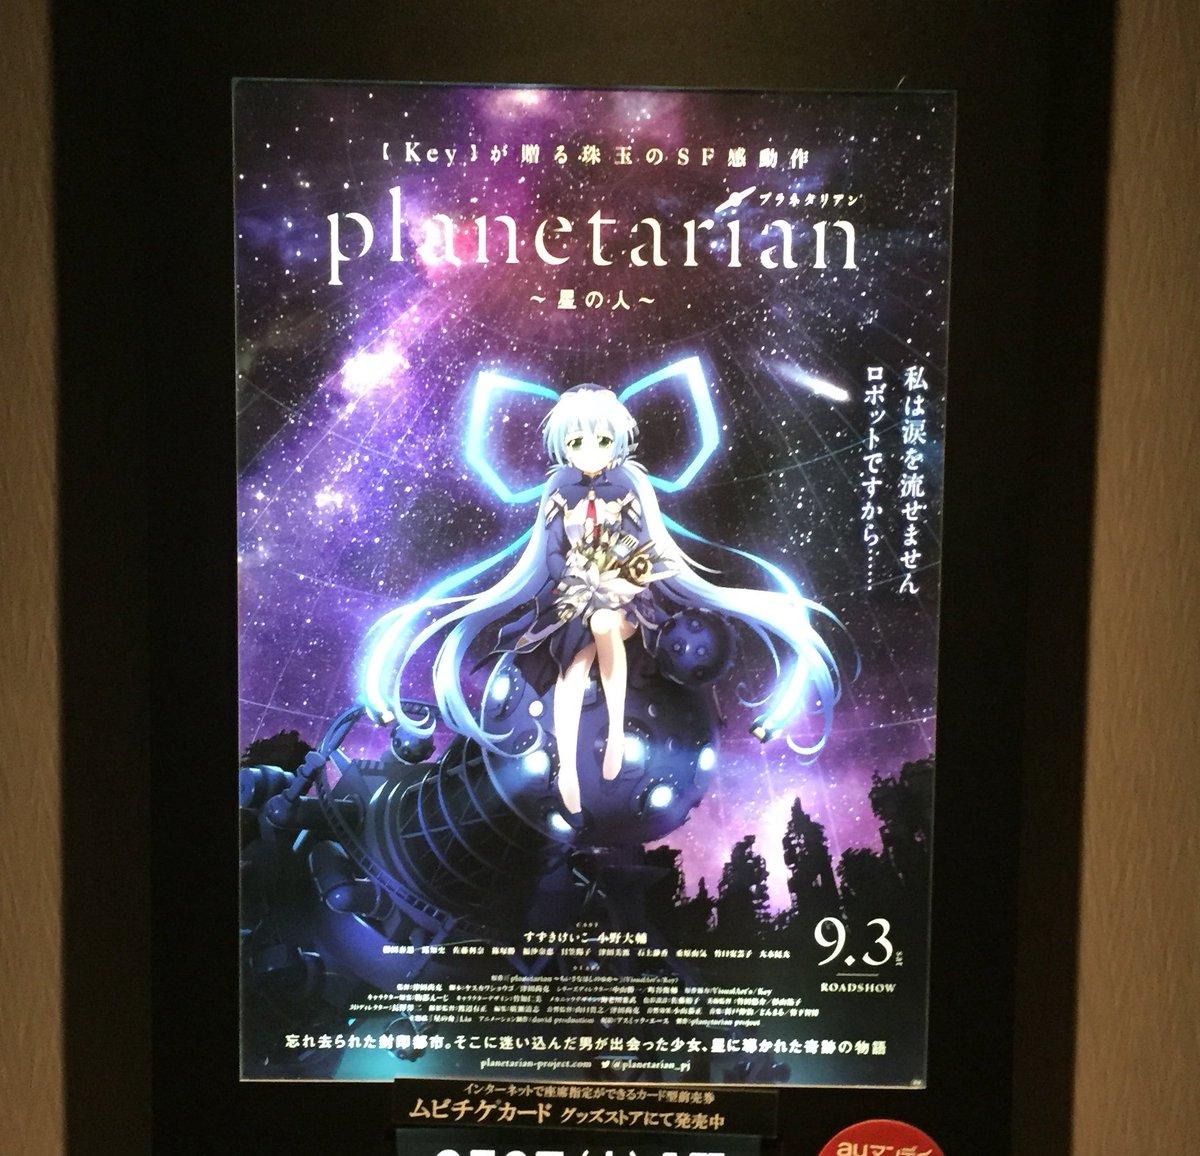 #人生で初めて2回以上劇場で見た映画#planetarian『劇場版planetarian 星の人』ですね。私はたった1